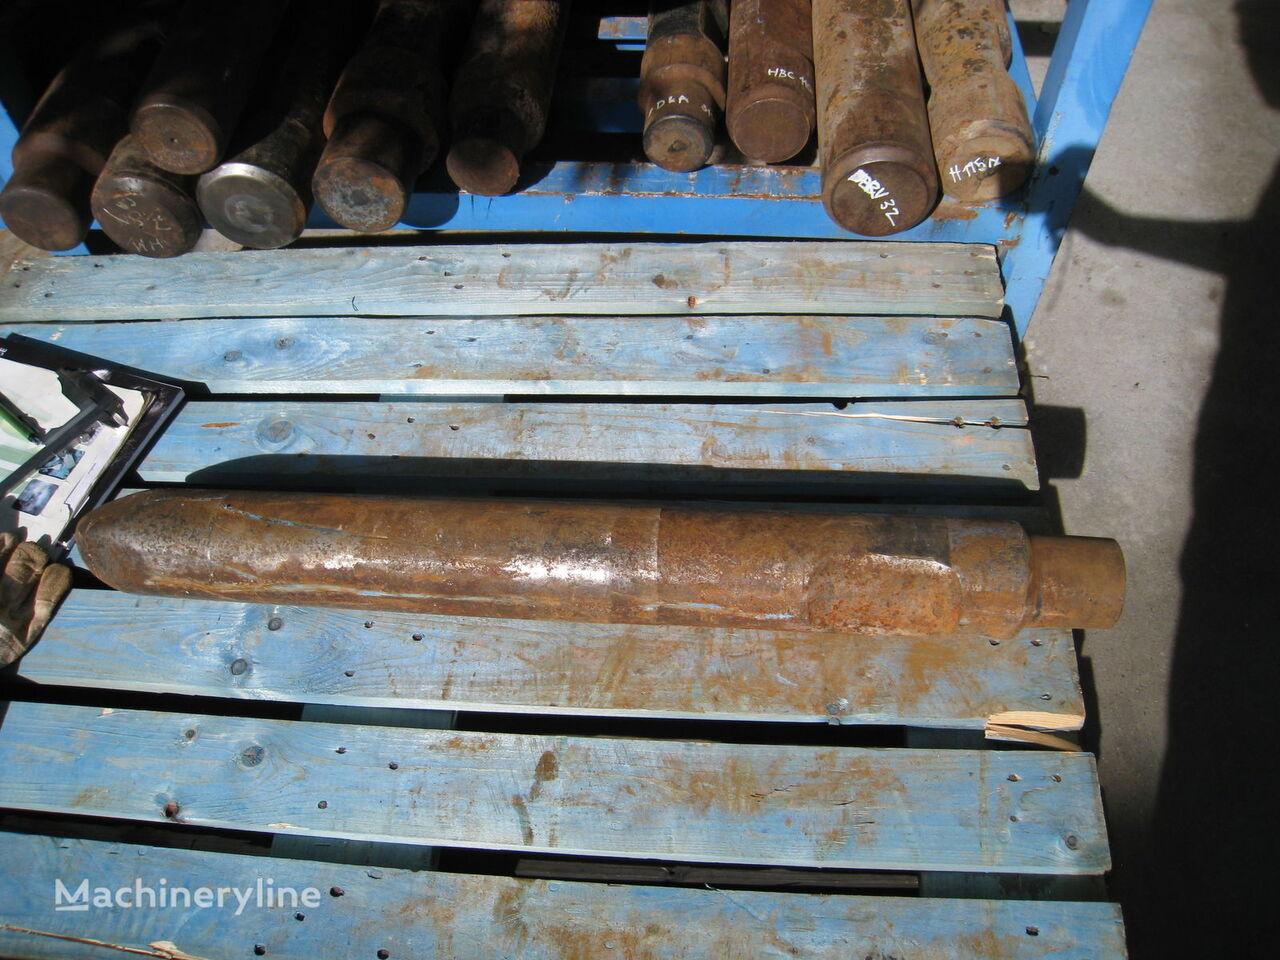 hidravlično kladivo moil point for D&A S1300, 130V